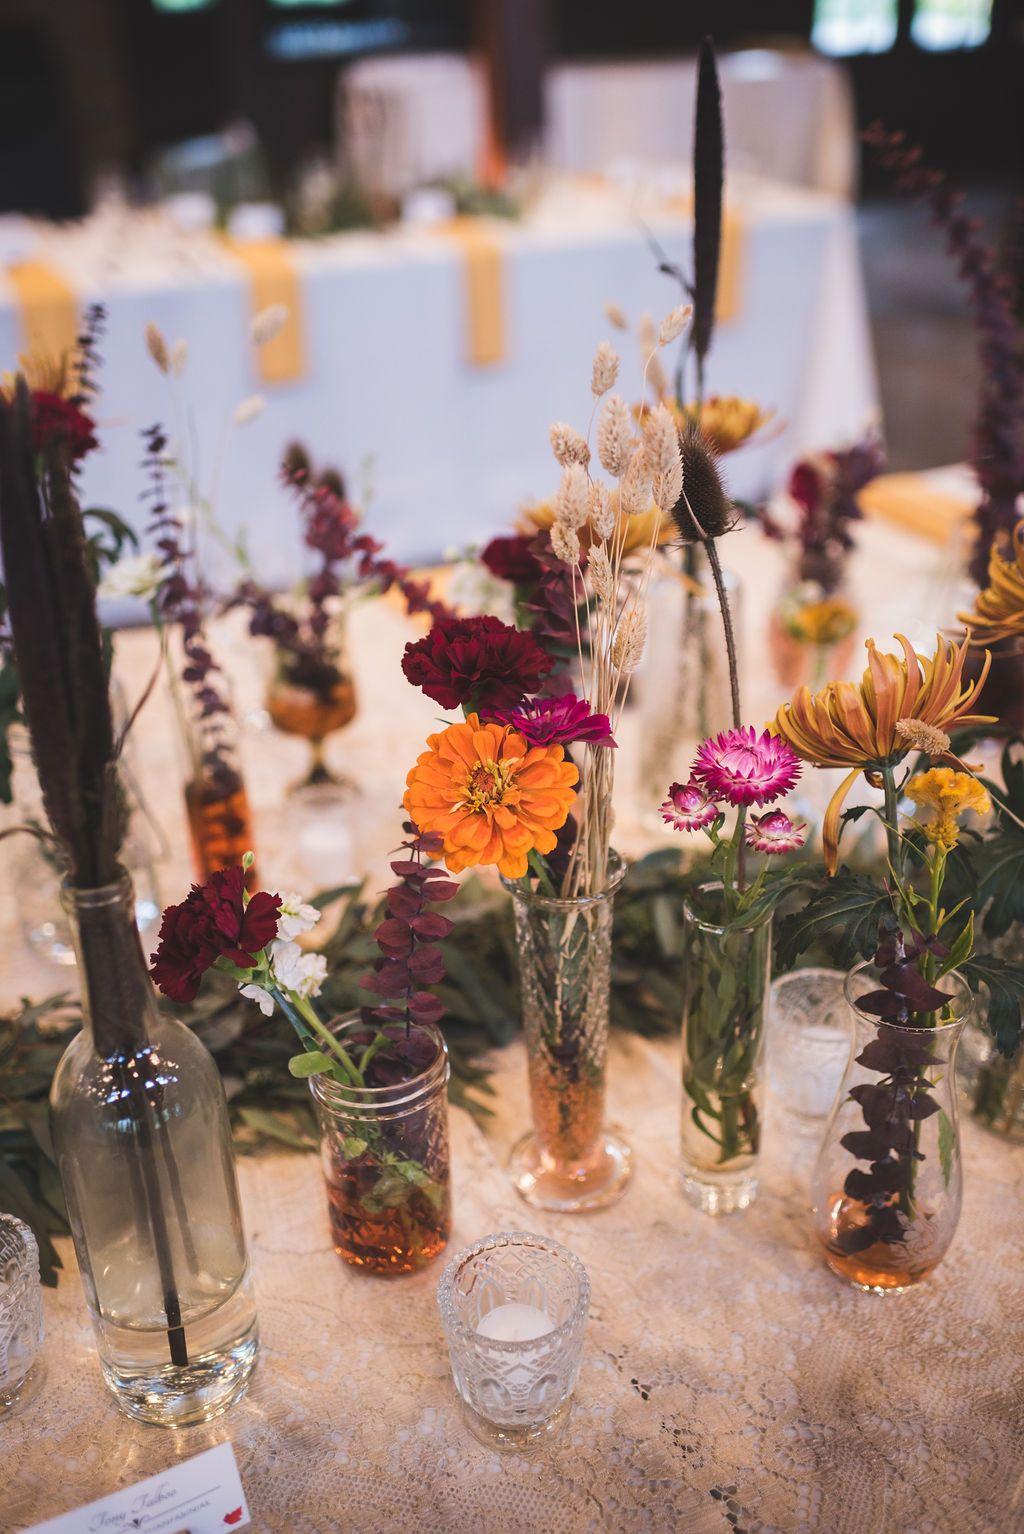 Flowers in jars flowers in jars wedding decorations